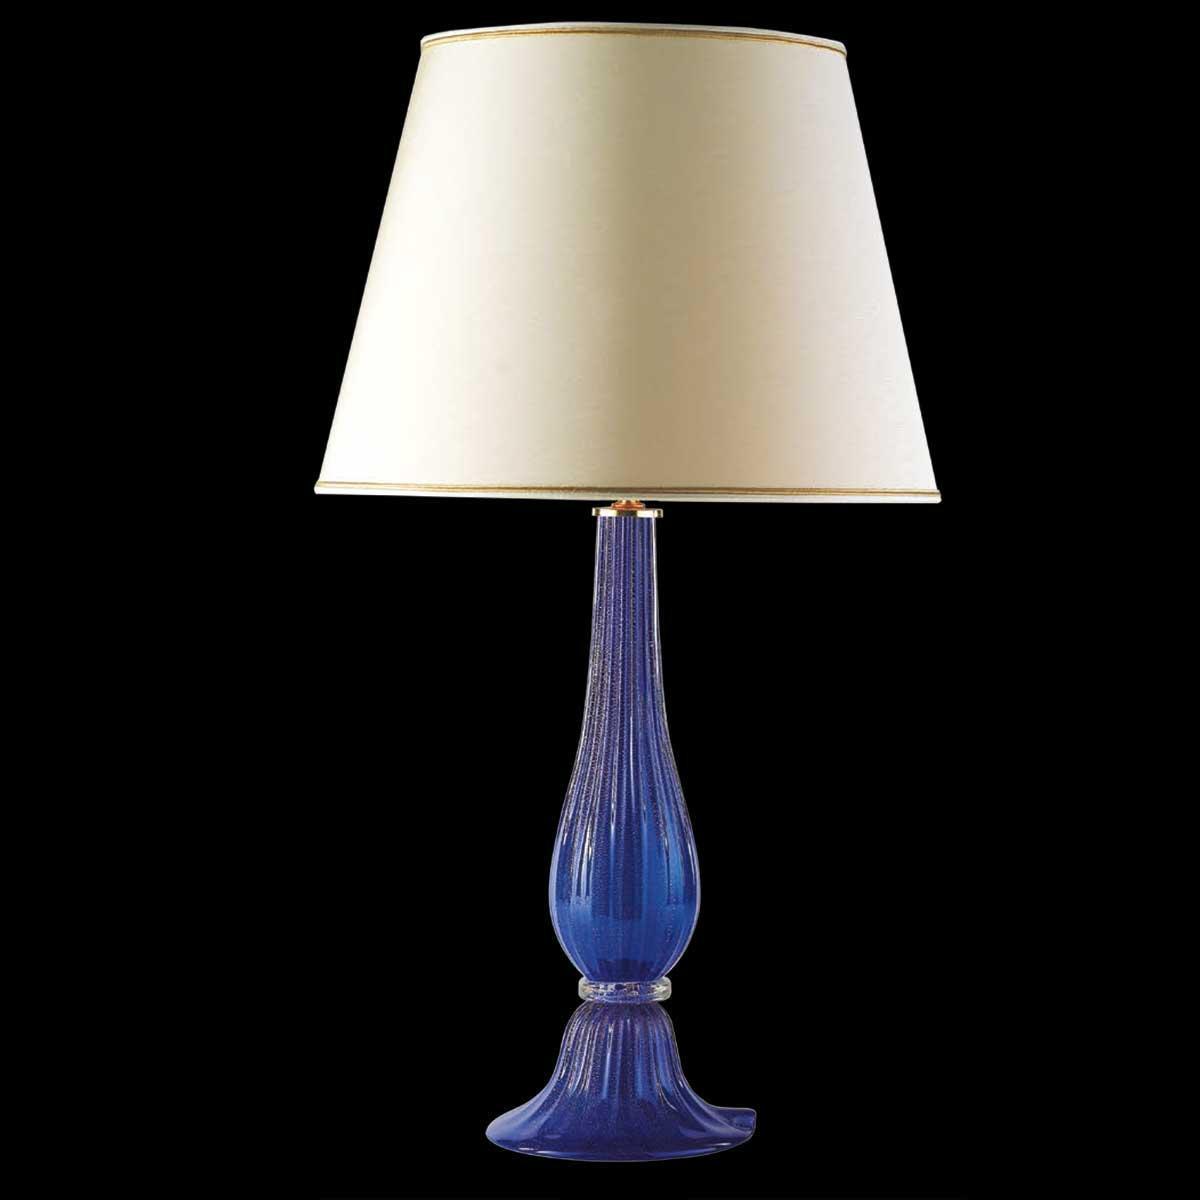 """""""Uranio"""" lampe de chevet en verre de Murano - 1 lumière - bleu et or"""